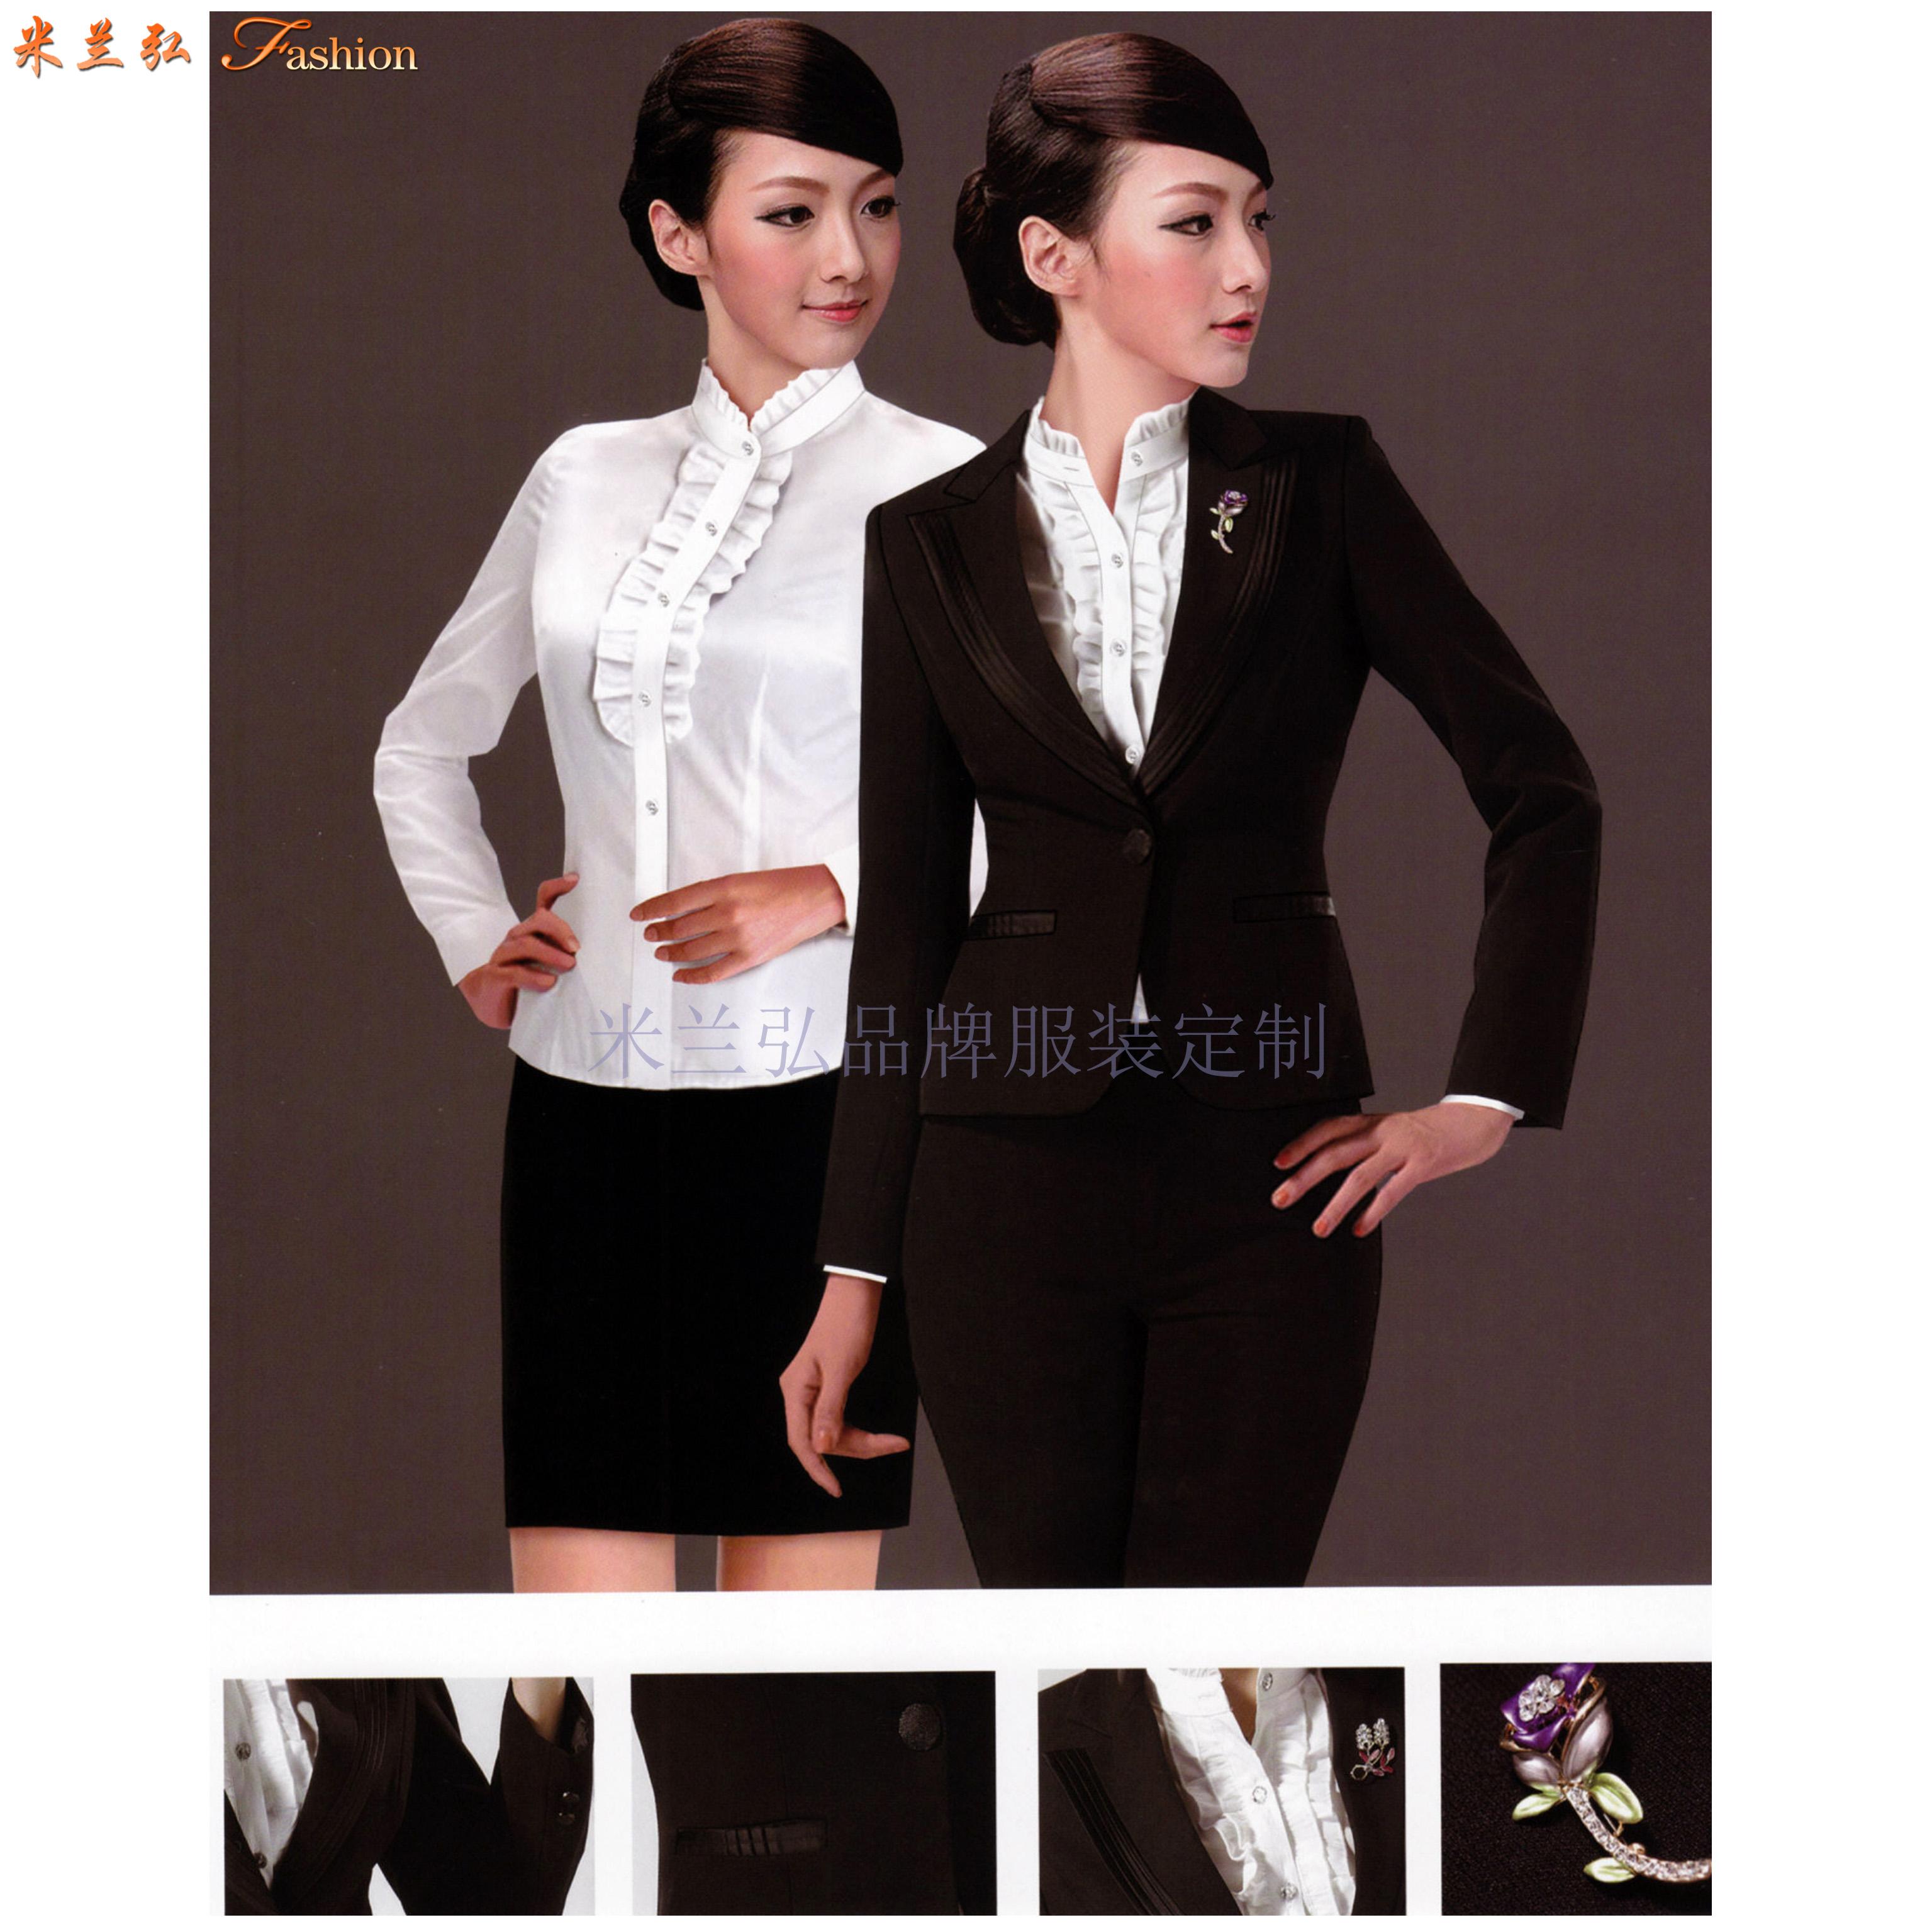 「大連定制商務西裝定做品牌西服」訂做正裝西服廠家米蘭弘👍-4